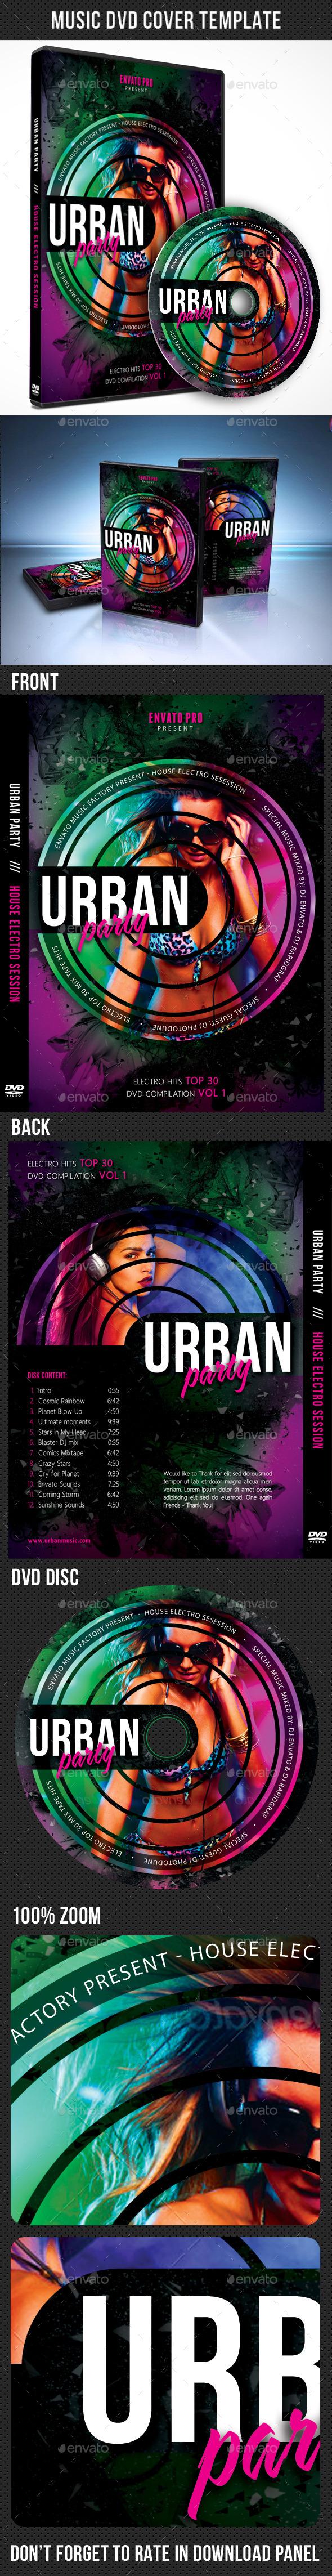 Music DVD Cover Template V11 - CD & DVD Artwork Print Templates